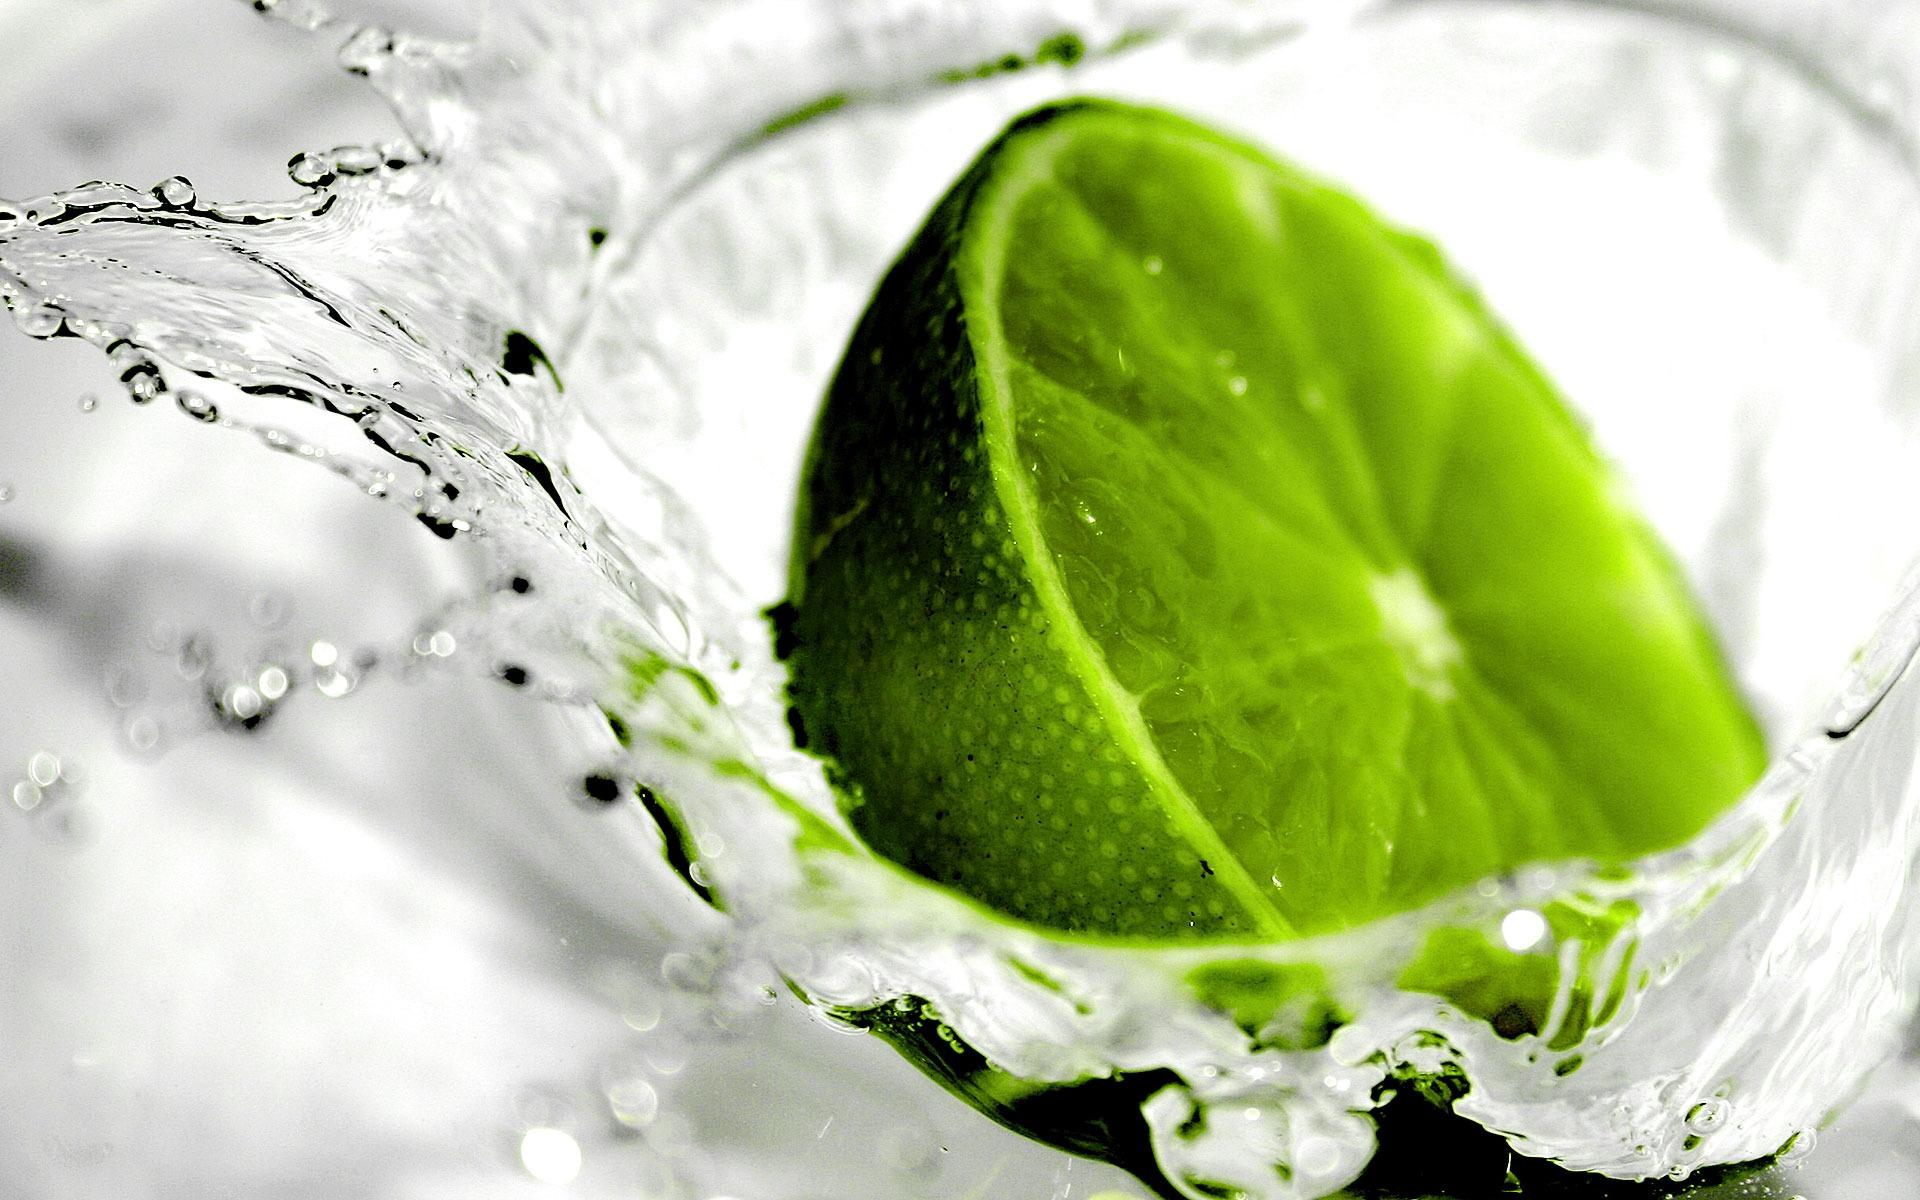 обои лайм, зеленый, брызги, вода картинки фото